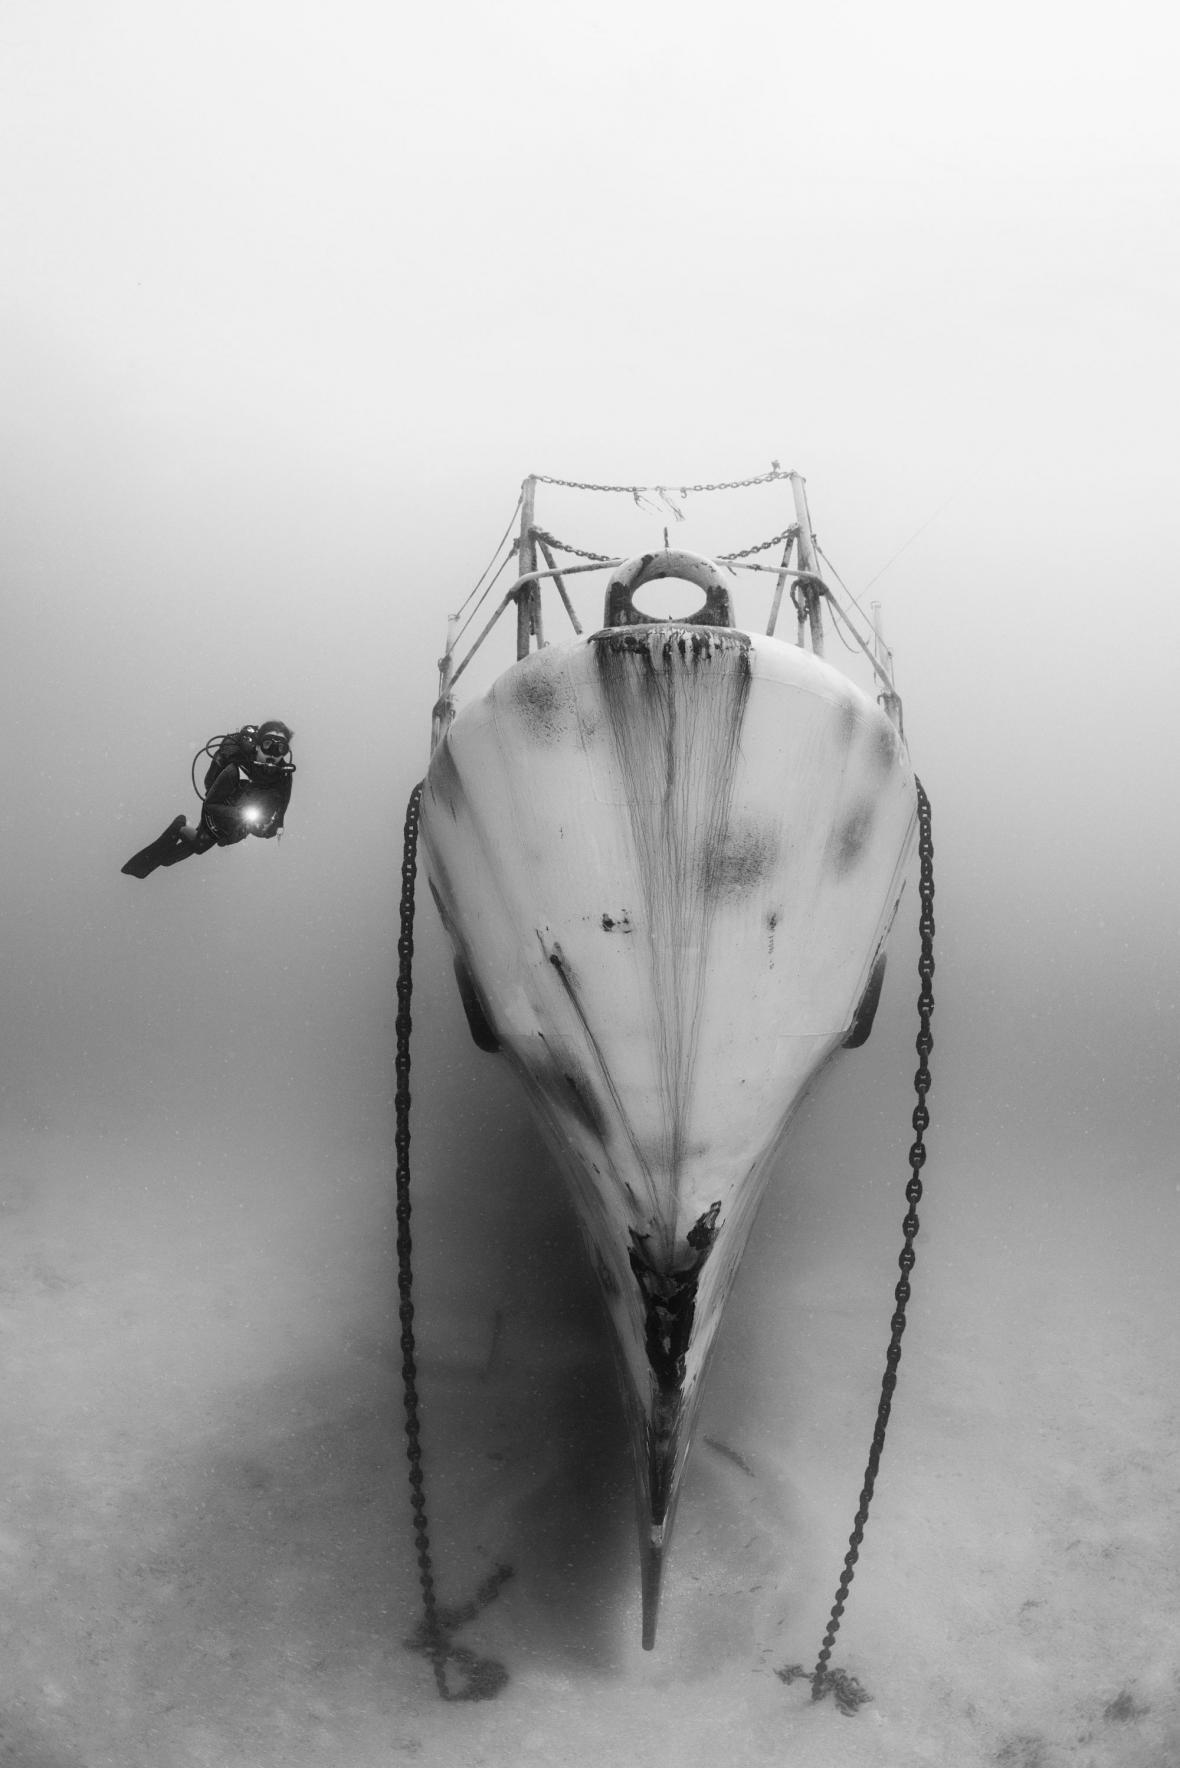 Nejlepší podvodní snímky: Černo-bílé fotografie